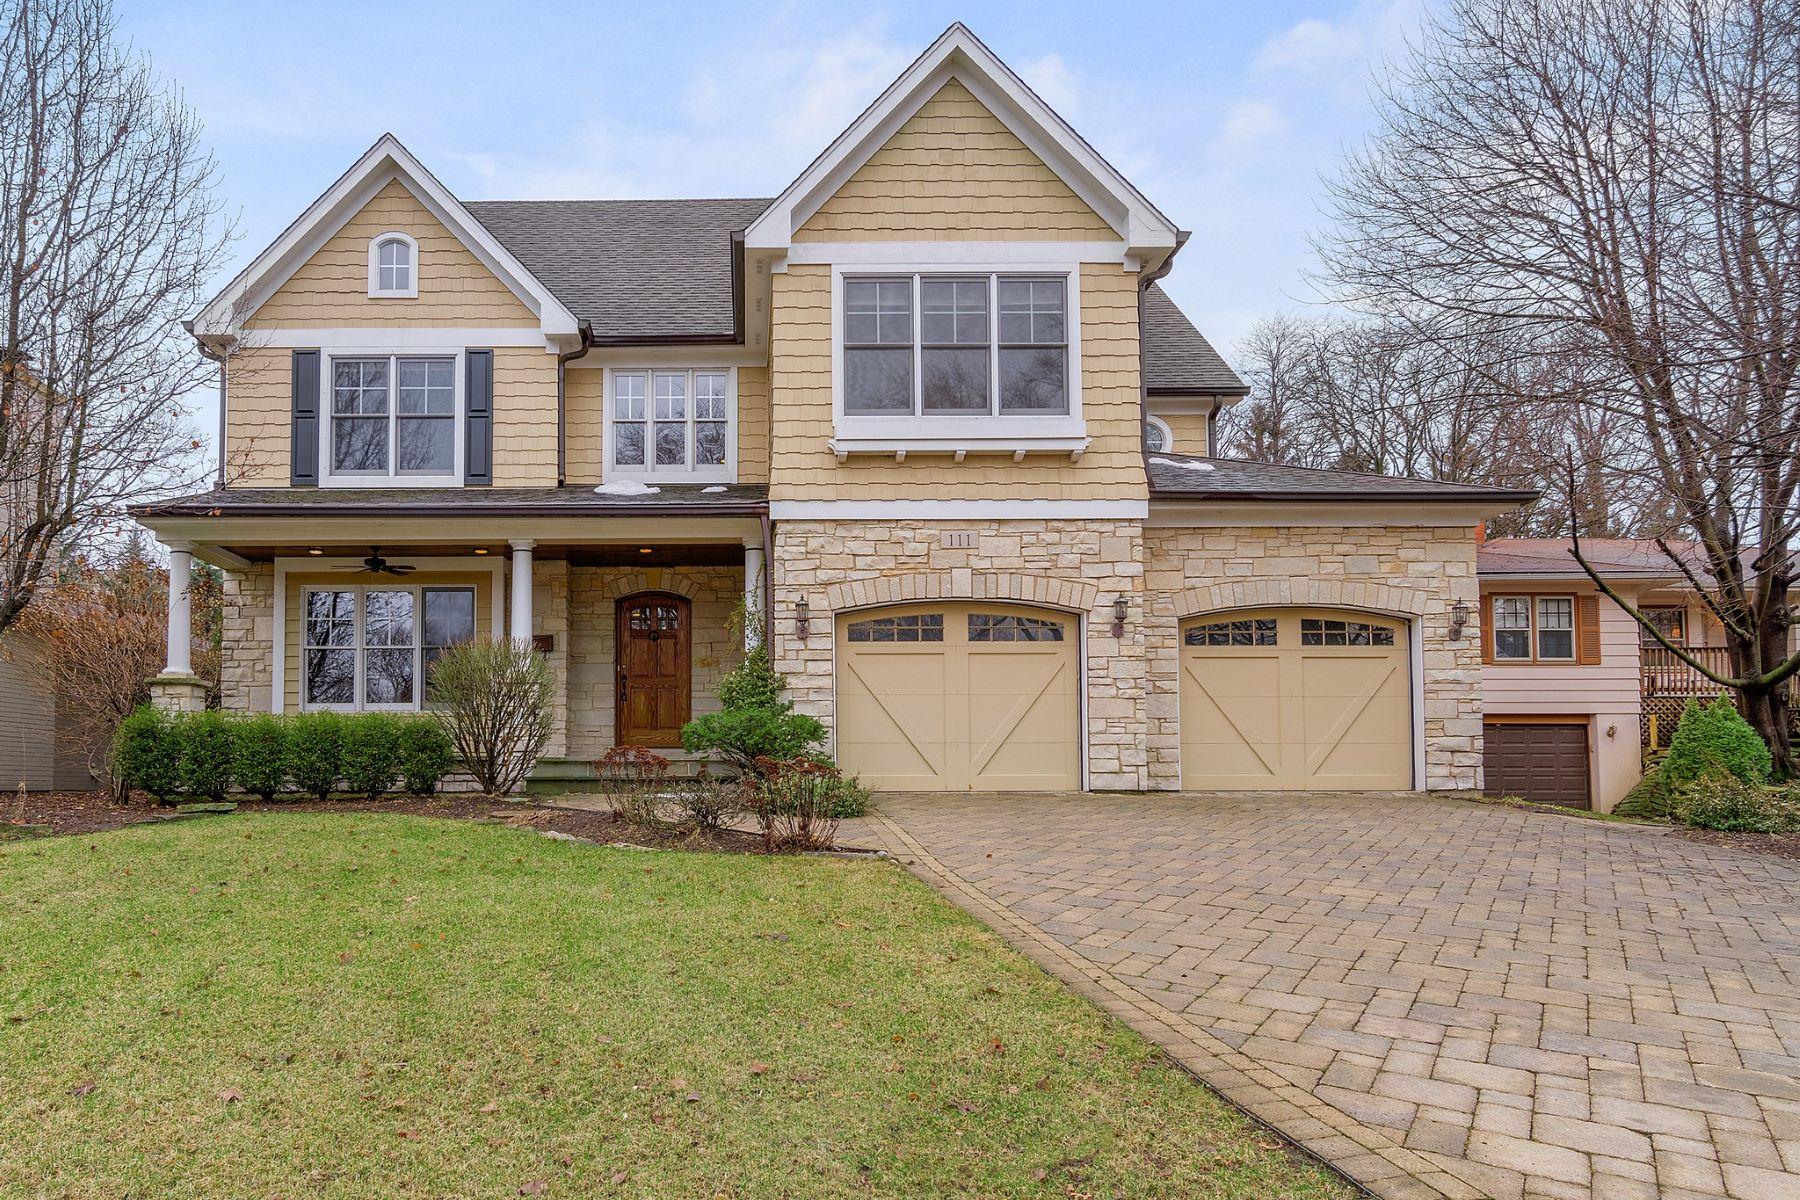 Einfamilienhaus für Verkauf beim 111 ANN ST Clarendon Hills, Illinois, 60514 Vereinigte Staaten